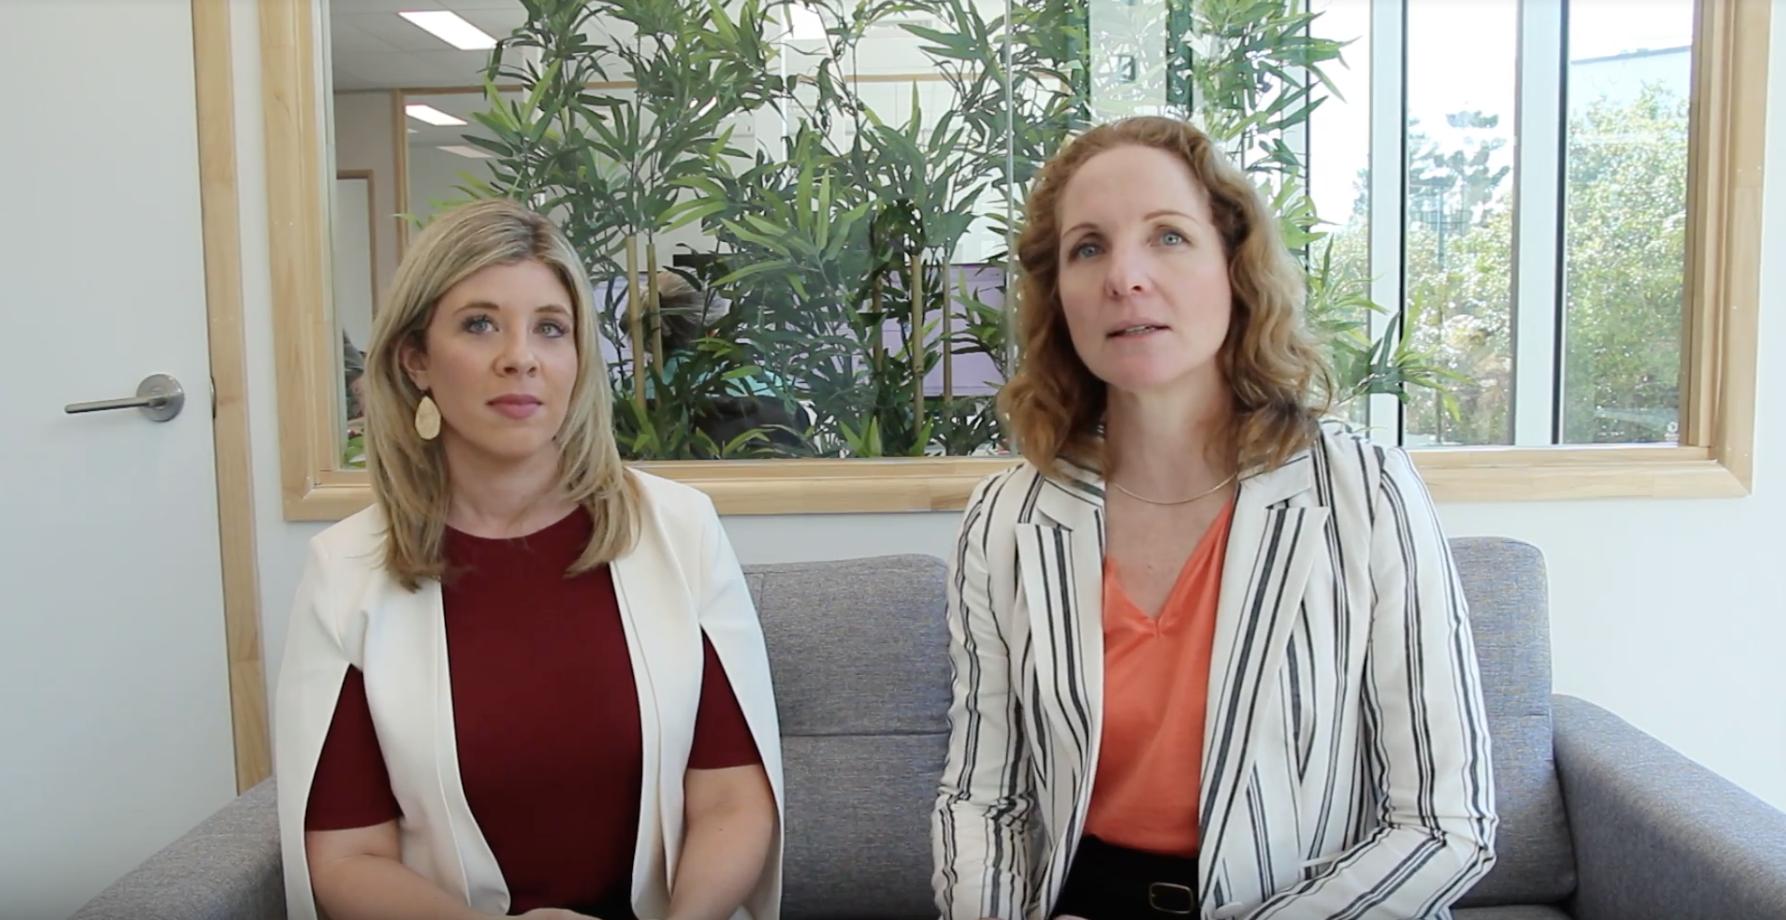 Ellie Bakker and Jeanette Jifkins Discuss Offer Regulations